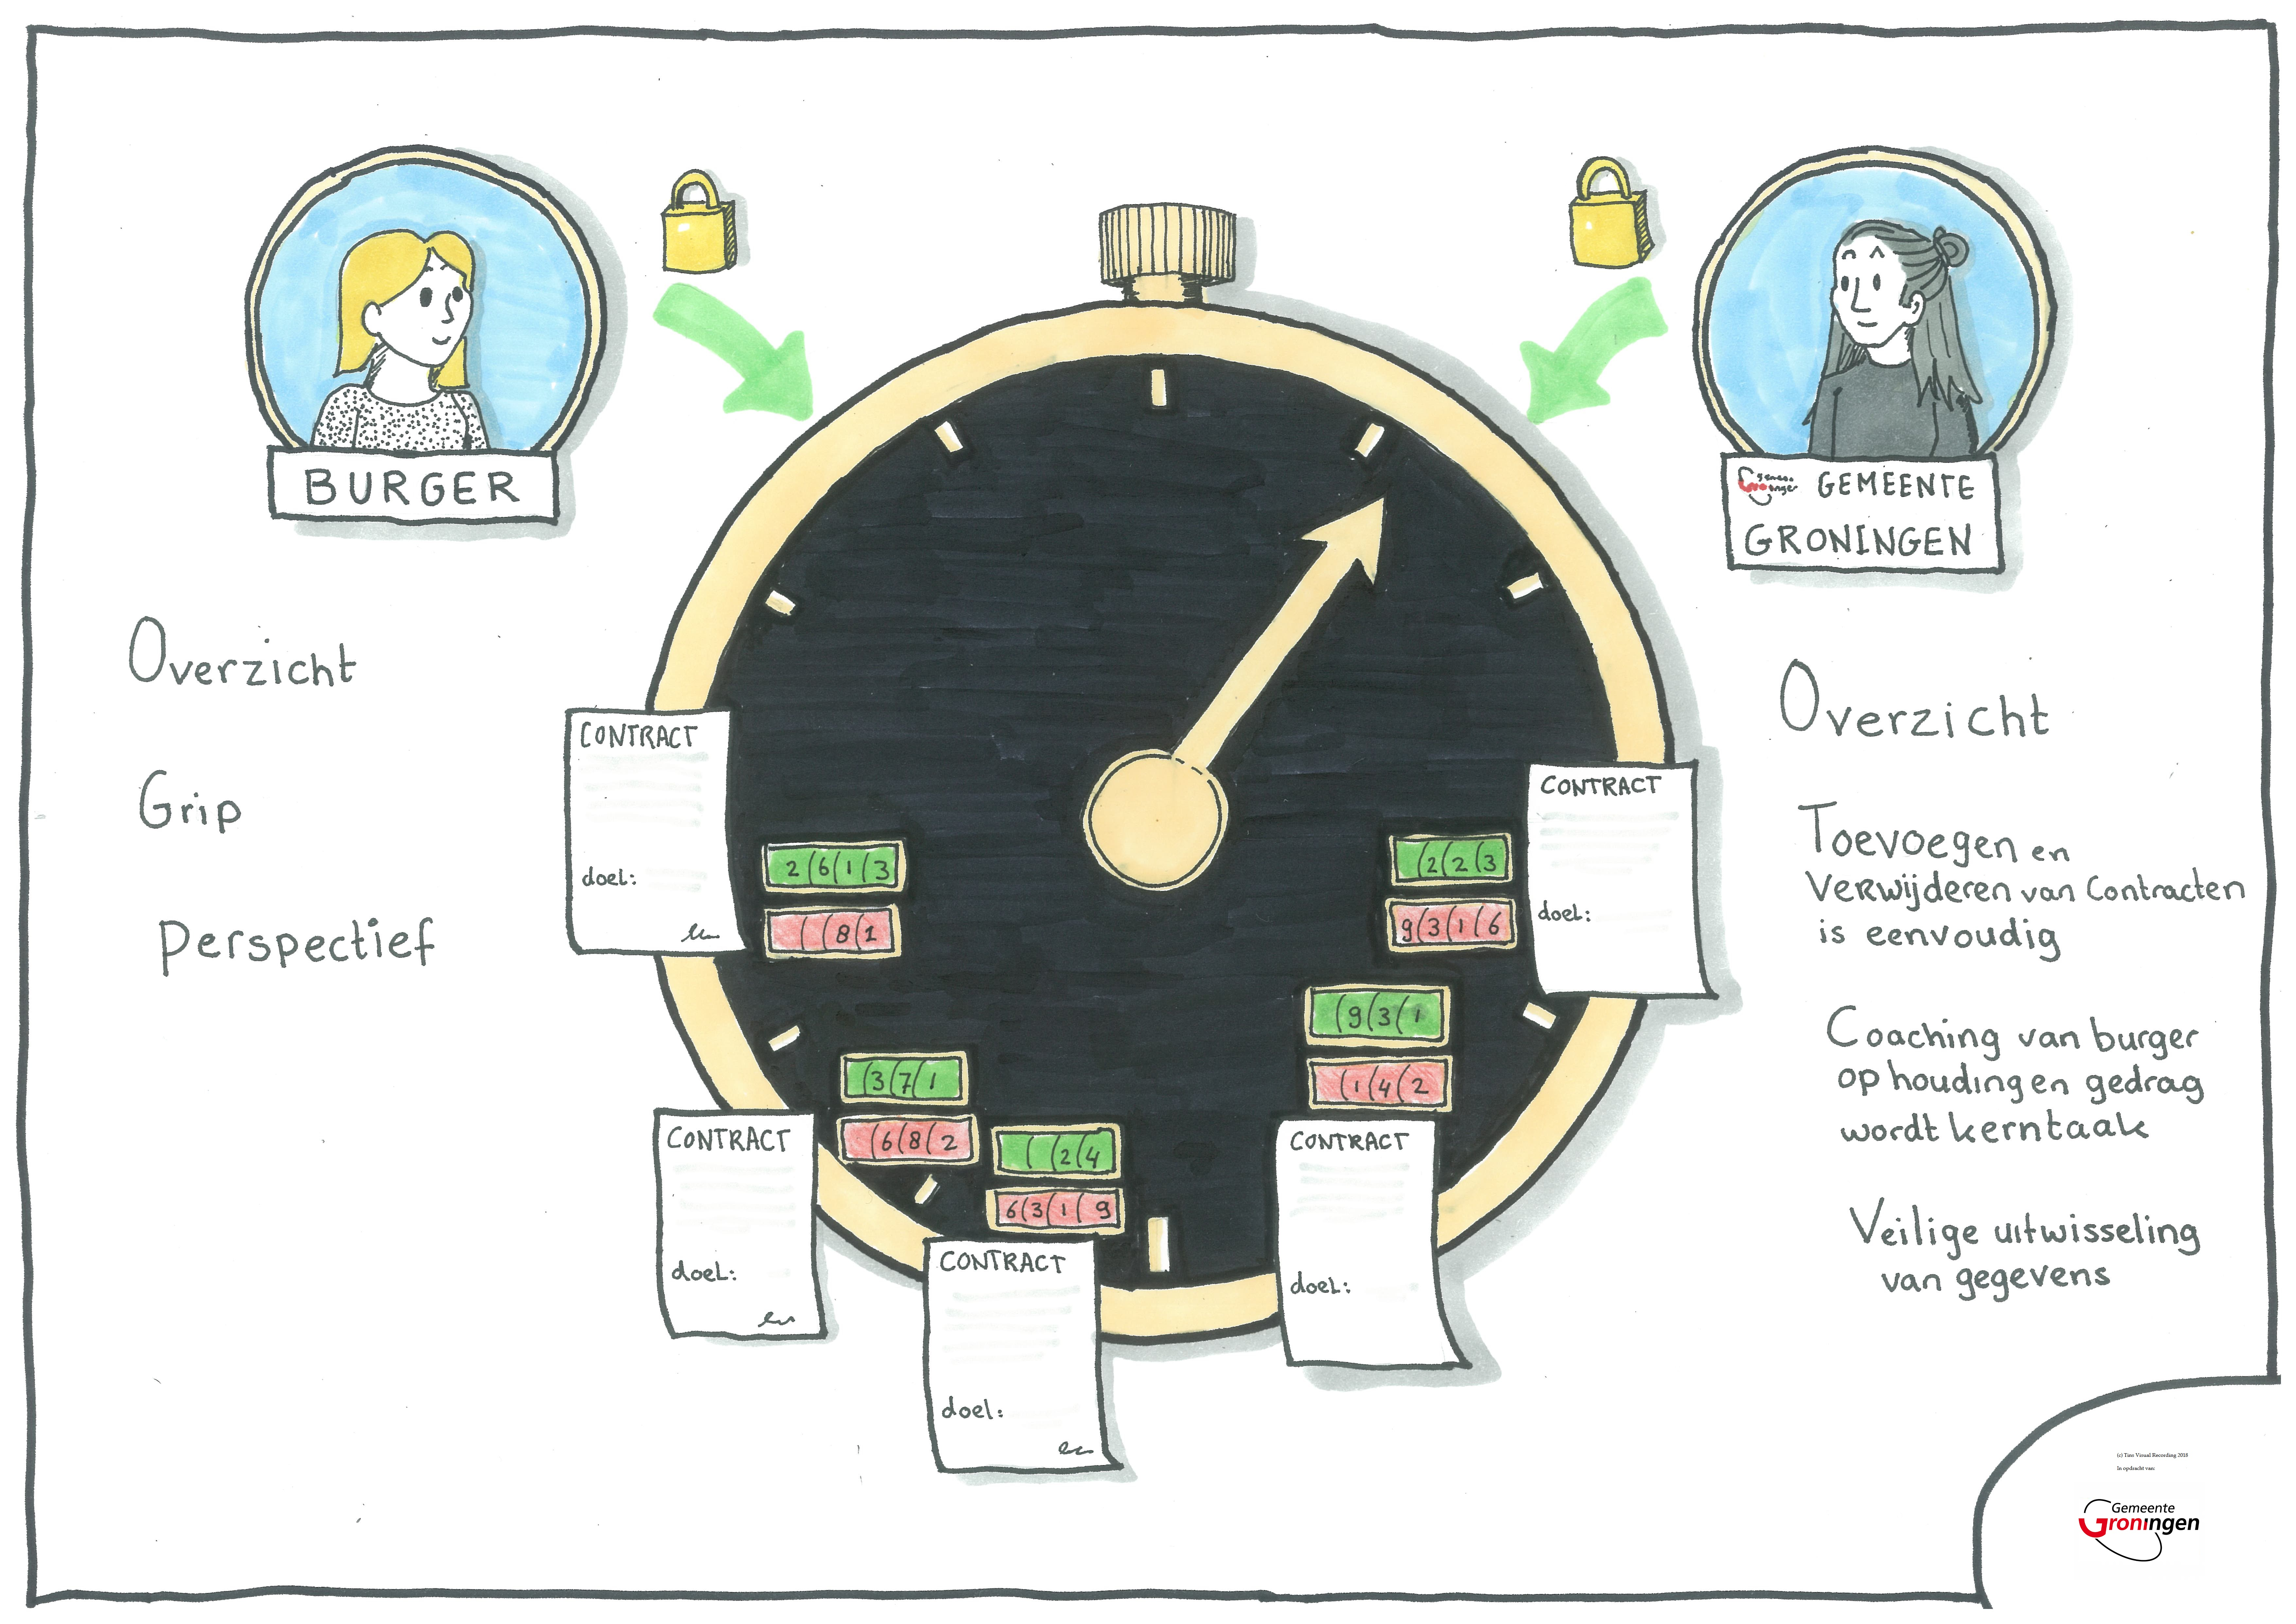 BLOCKCHAIN IN HET SOCIAAL DOMEIN - een afbeelding uit een presentatie